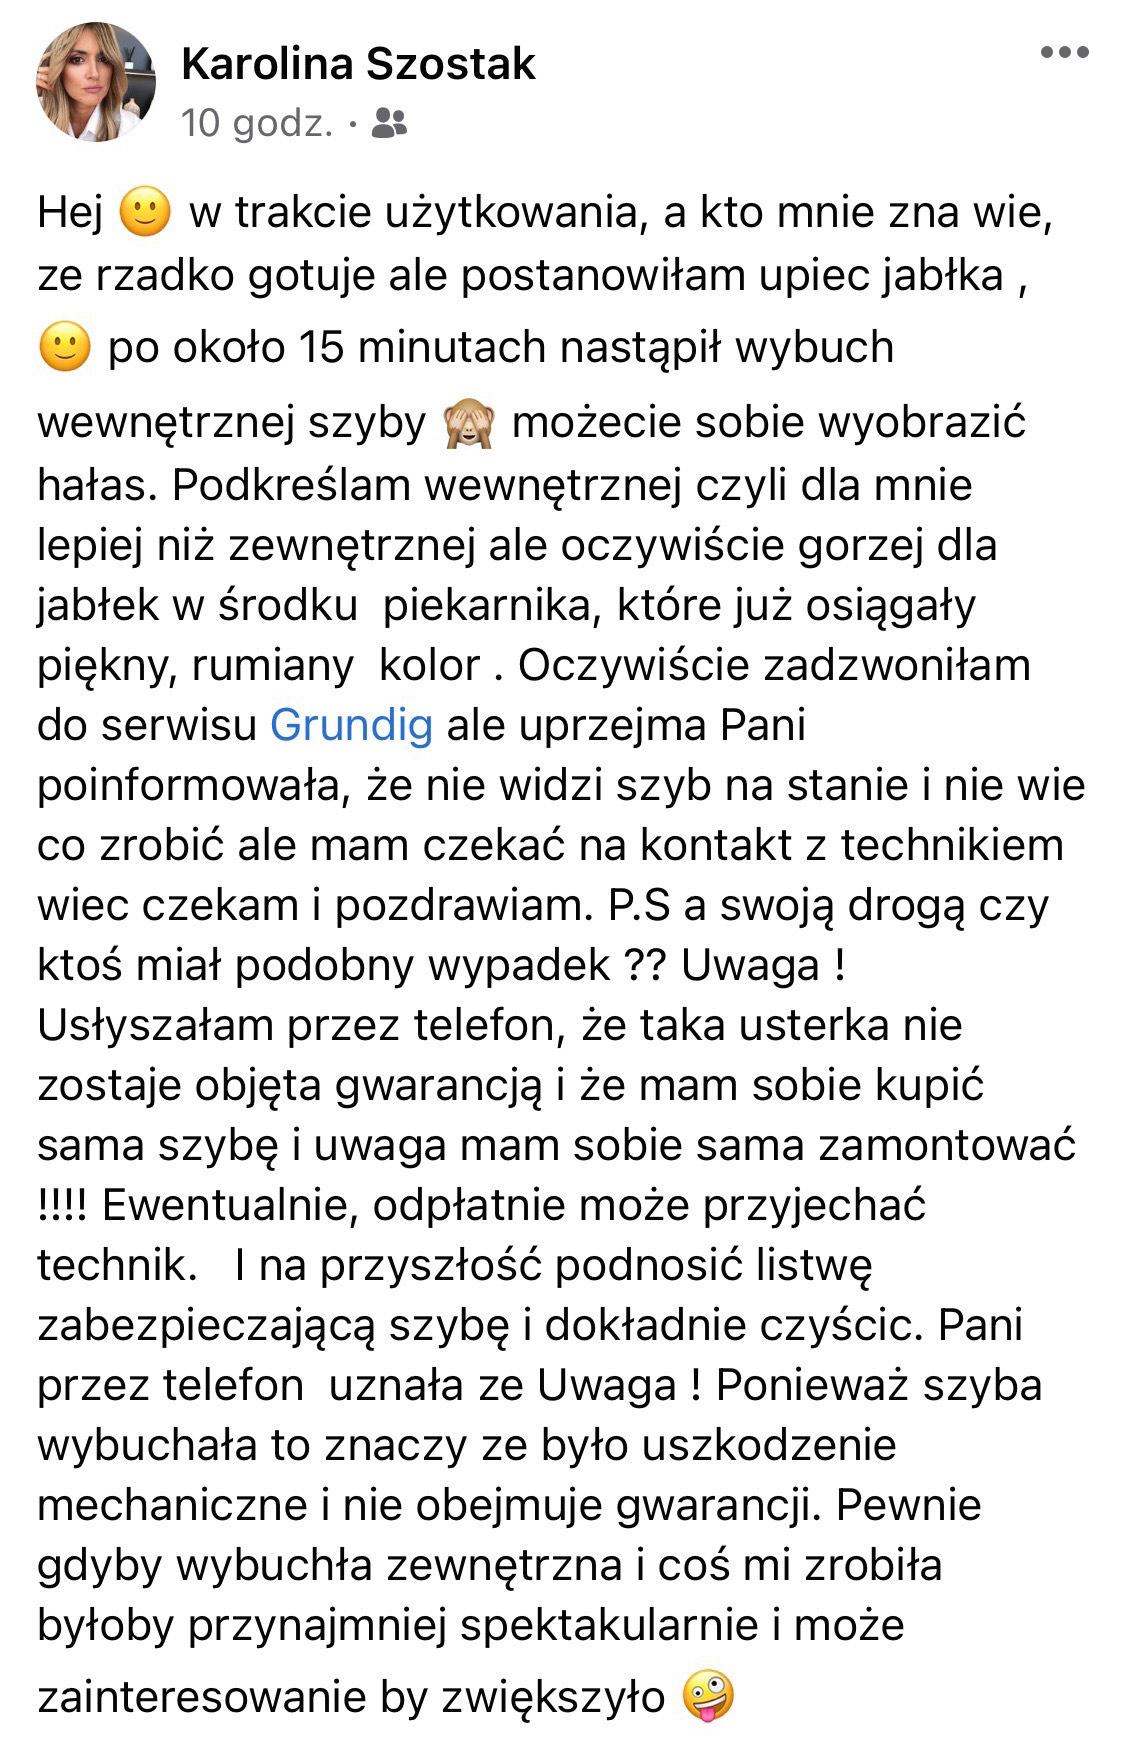 Karolina Szostak - pęknięta szyba piekarnika